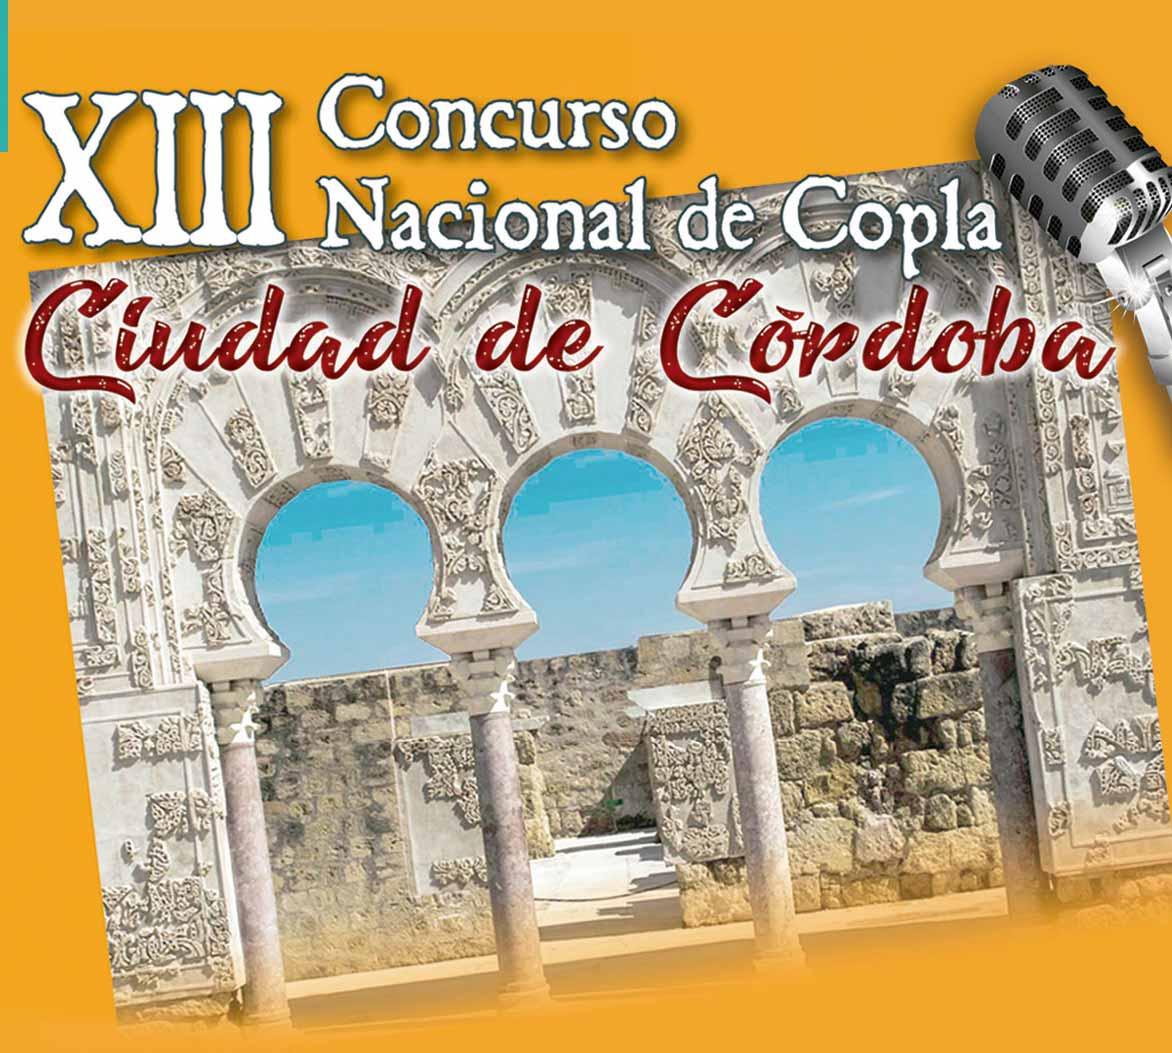 El Giraldillo - Todos los eventos del 19 de Octubre en Andalucía